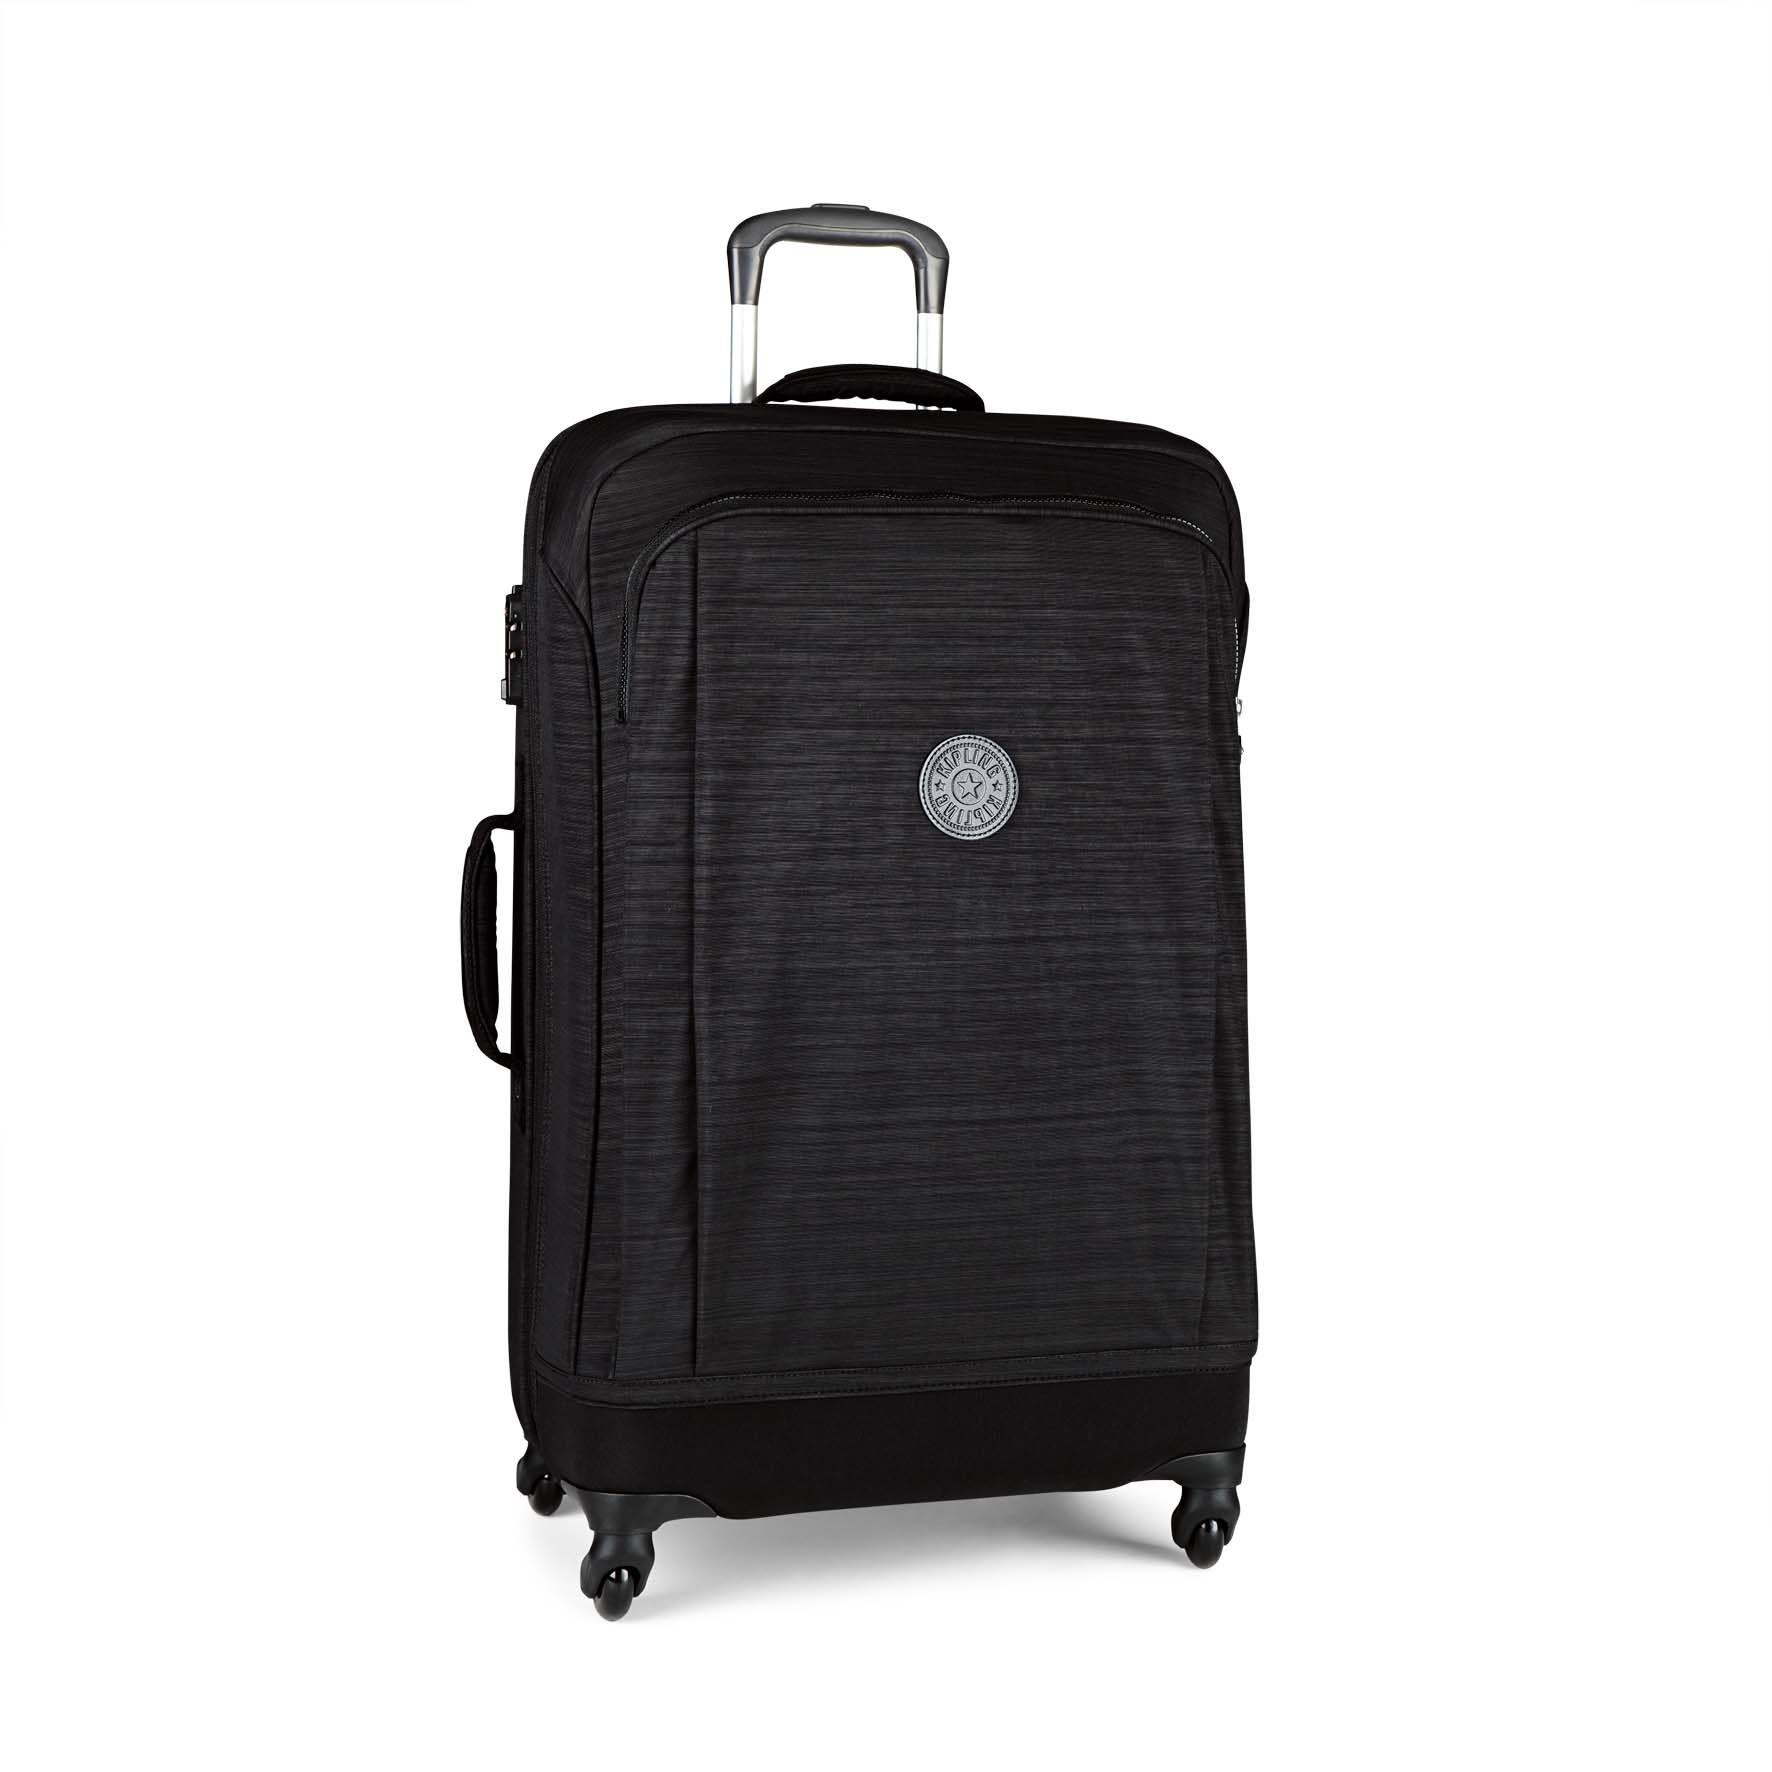 מזוודה בינונית Super Hybrid M - Dazz Black Cהדפס שחור